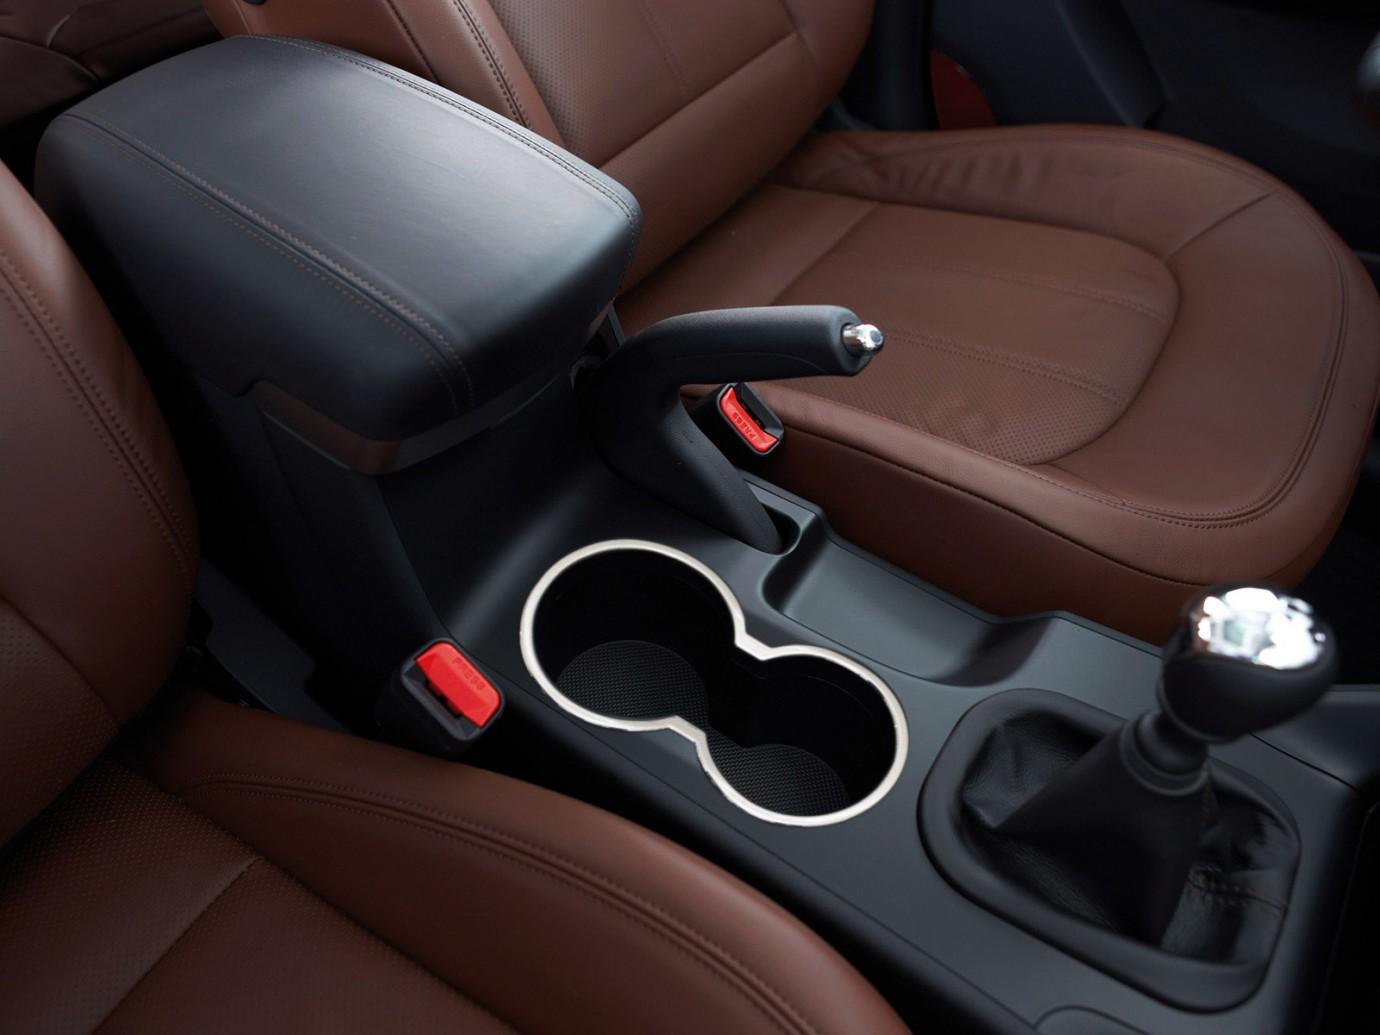 Где найти штатный подлокотник на Opel Astra J GTC?